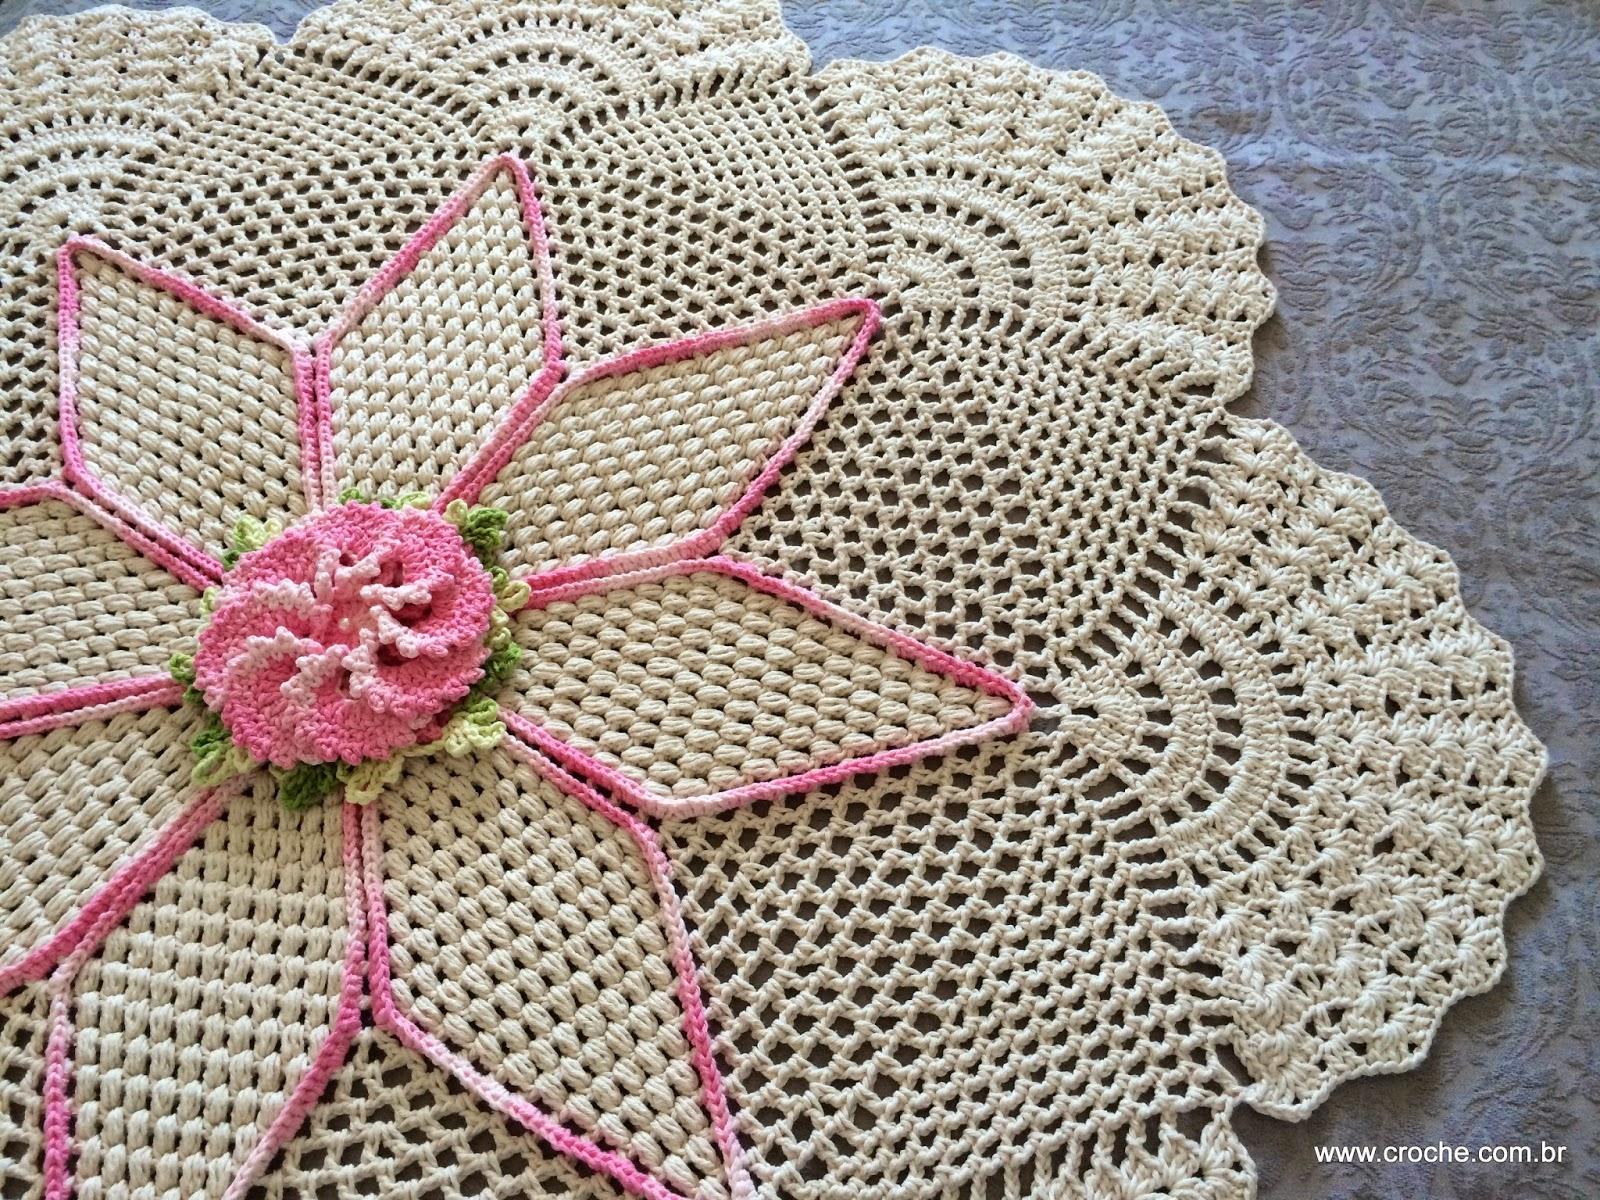 Tapete Redondo Flor Primavera Croche Com Br -> Tapete De Croche Redondo Passo A Passo